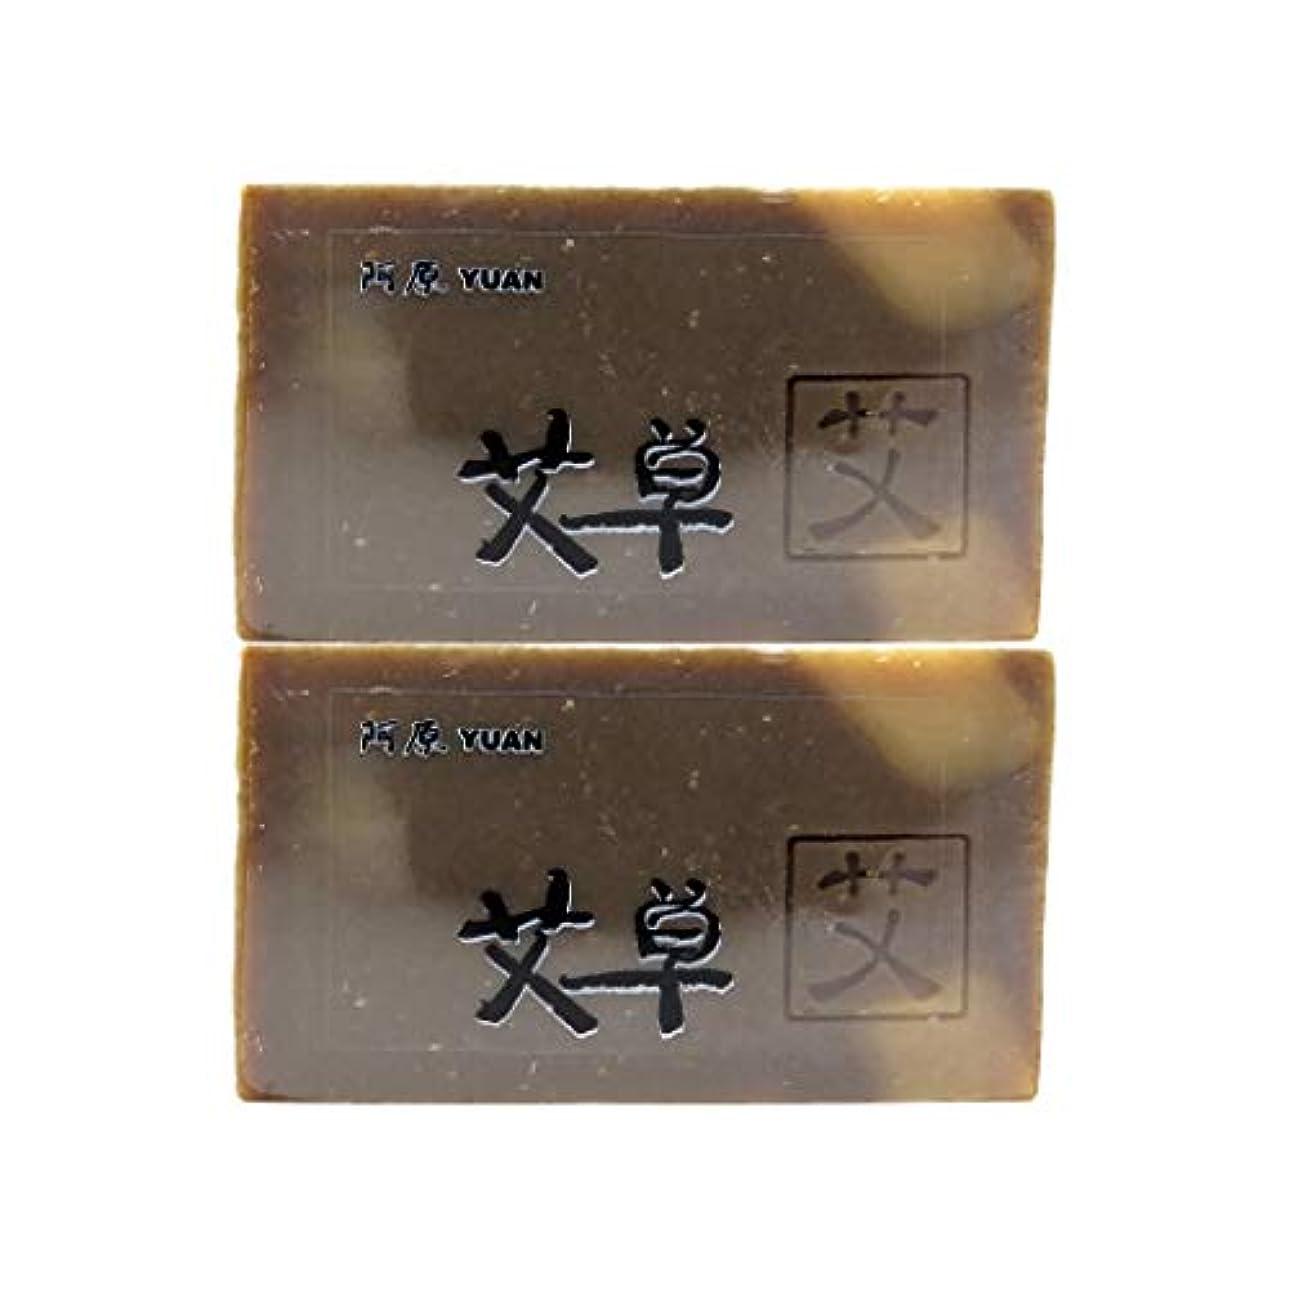 銀分解する百ユアン(YUAN) ヨモギソープ 100g (2個セット)